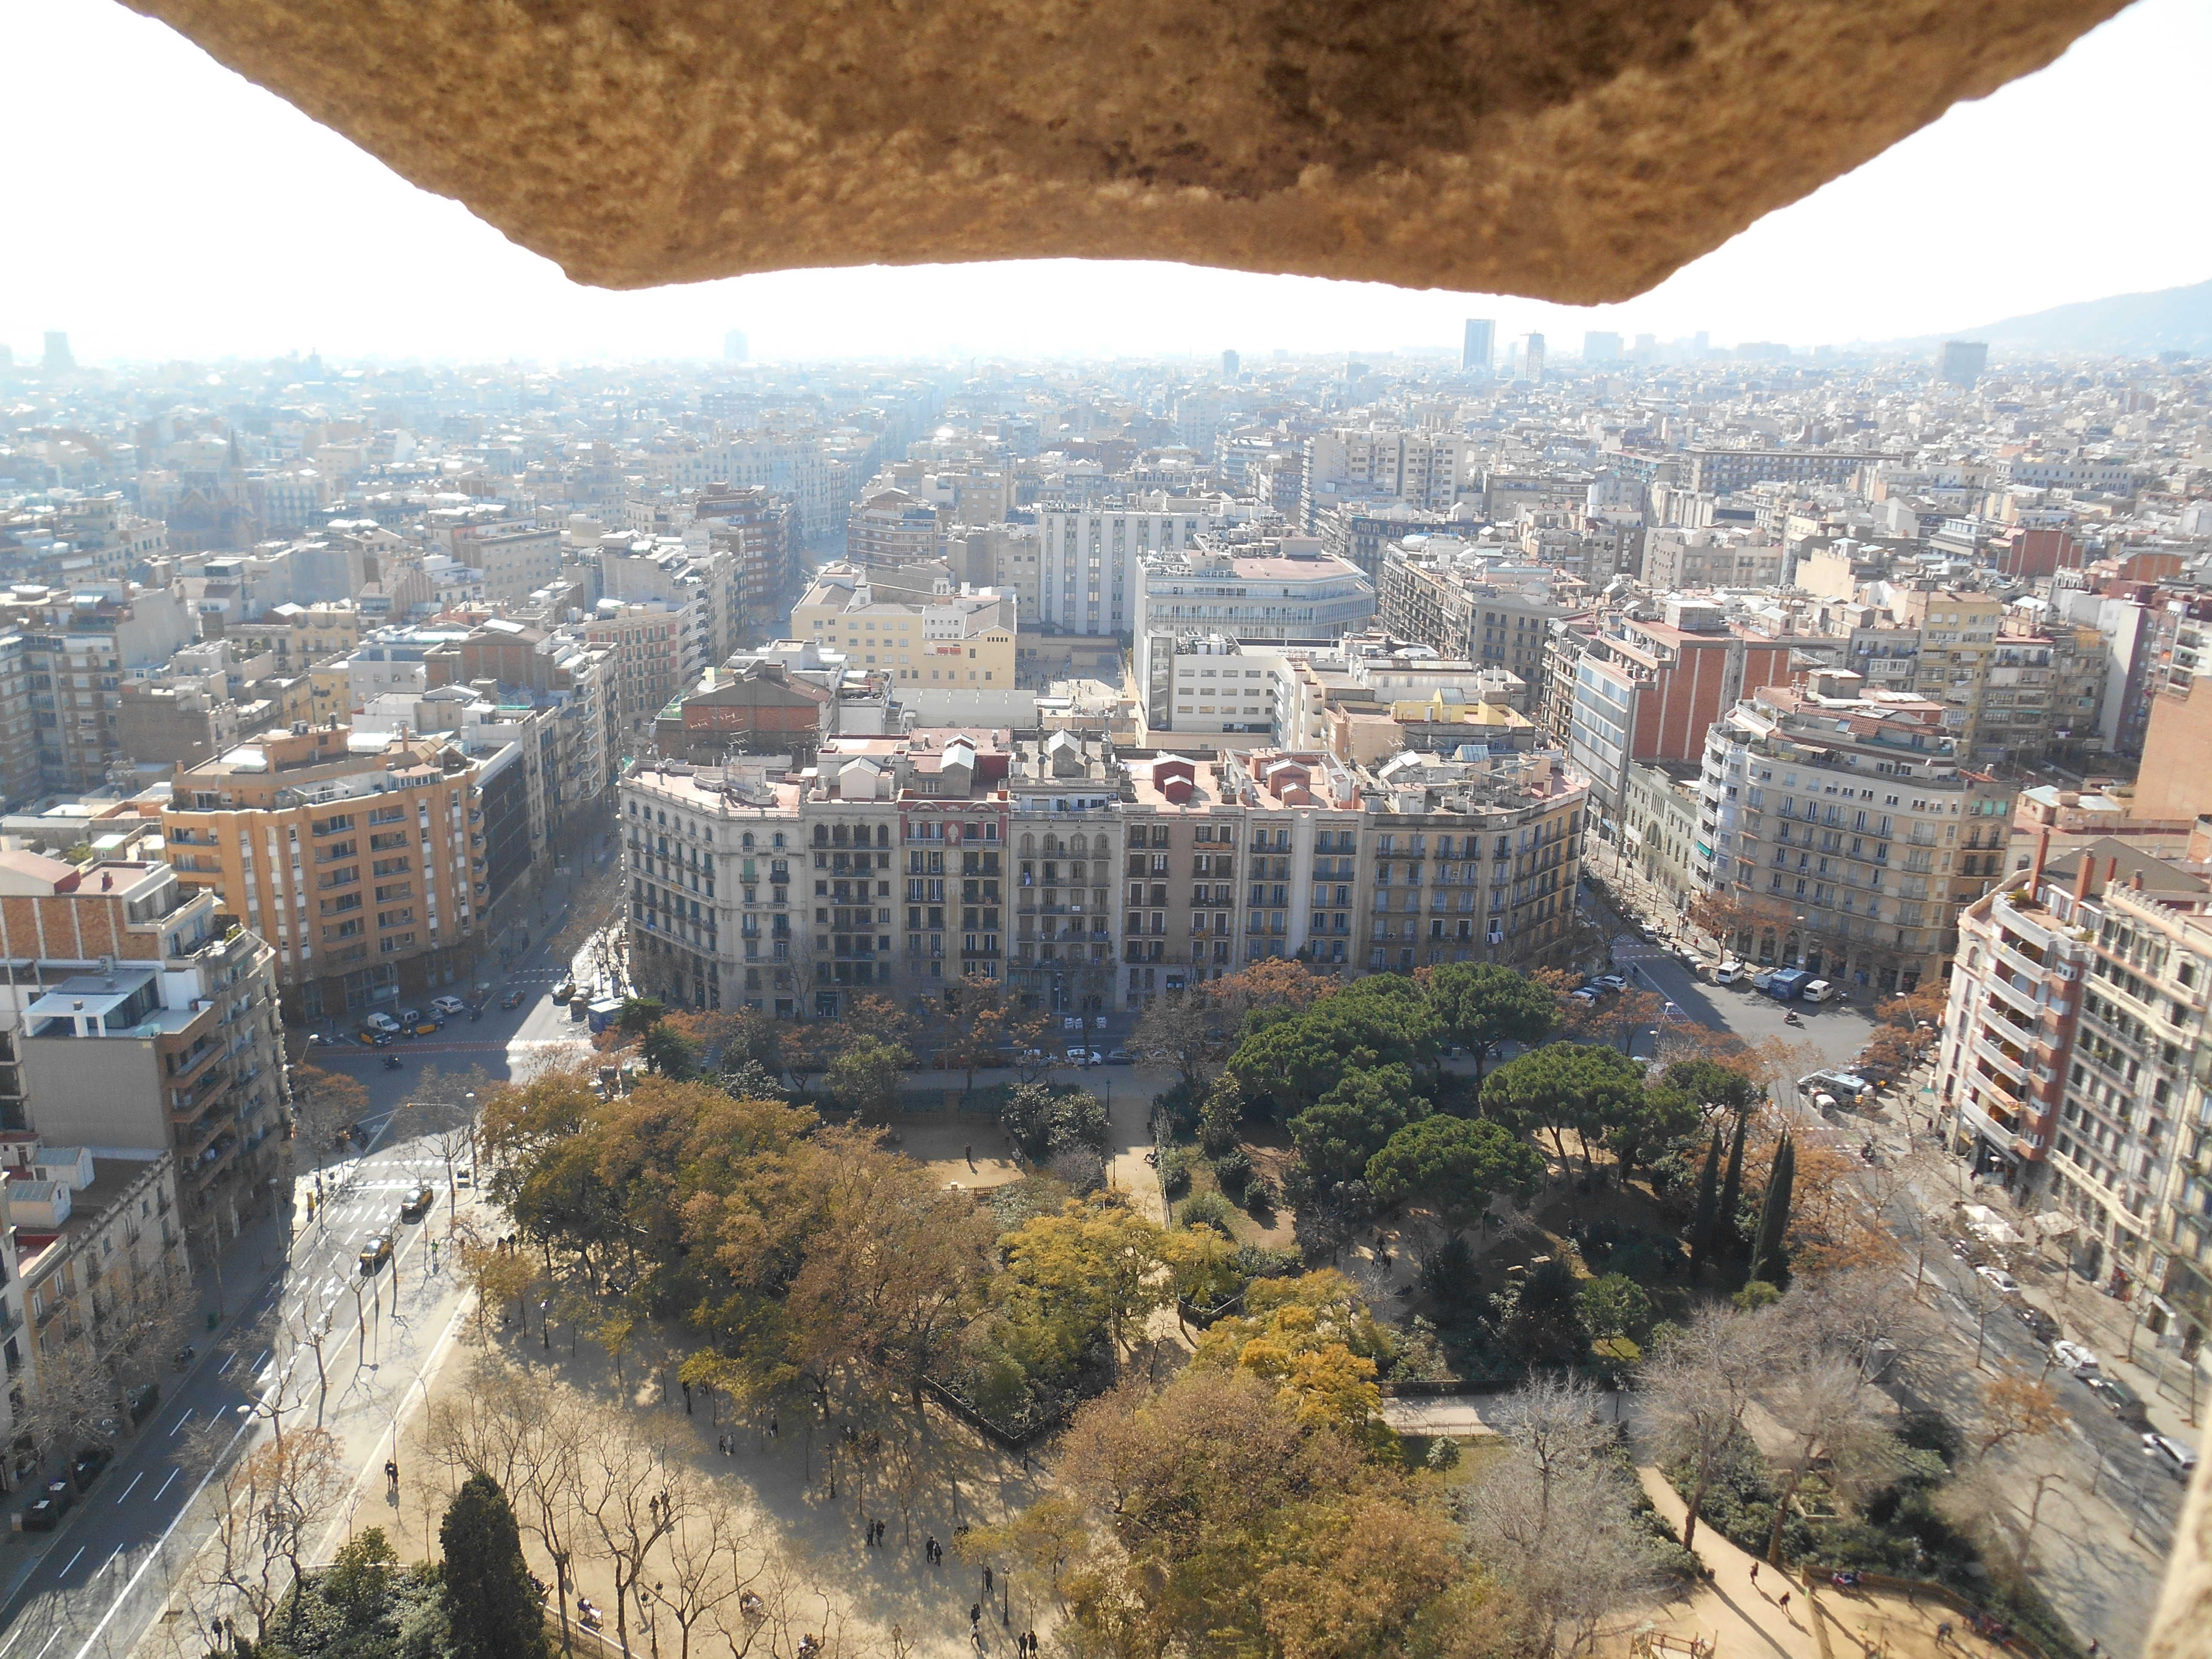 Les plus beaux panoramas de Barcelone - Sagrada Familia - Barcelona Autrement